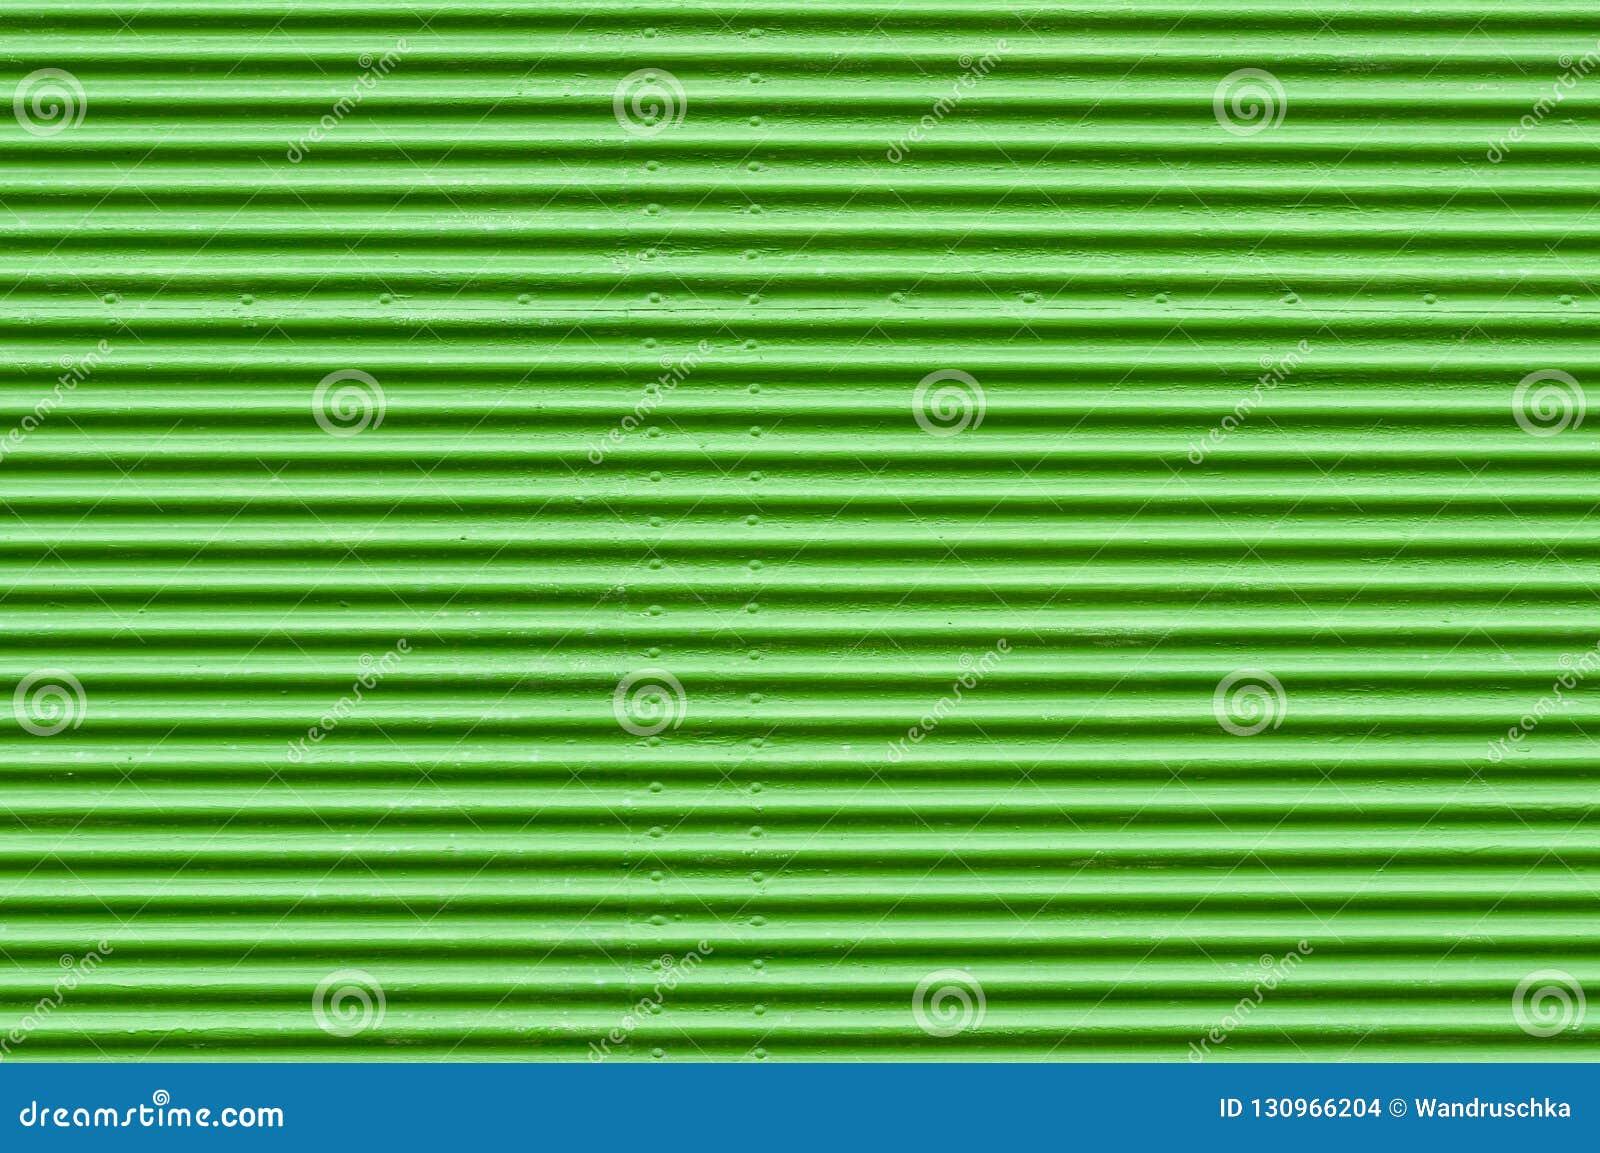 Stara zielona rolkowa żaluzja